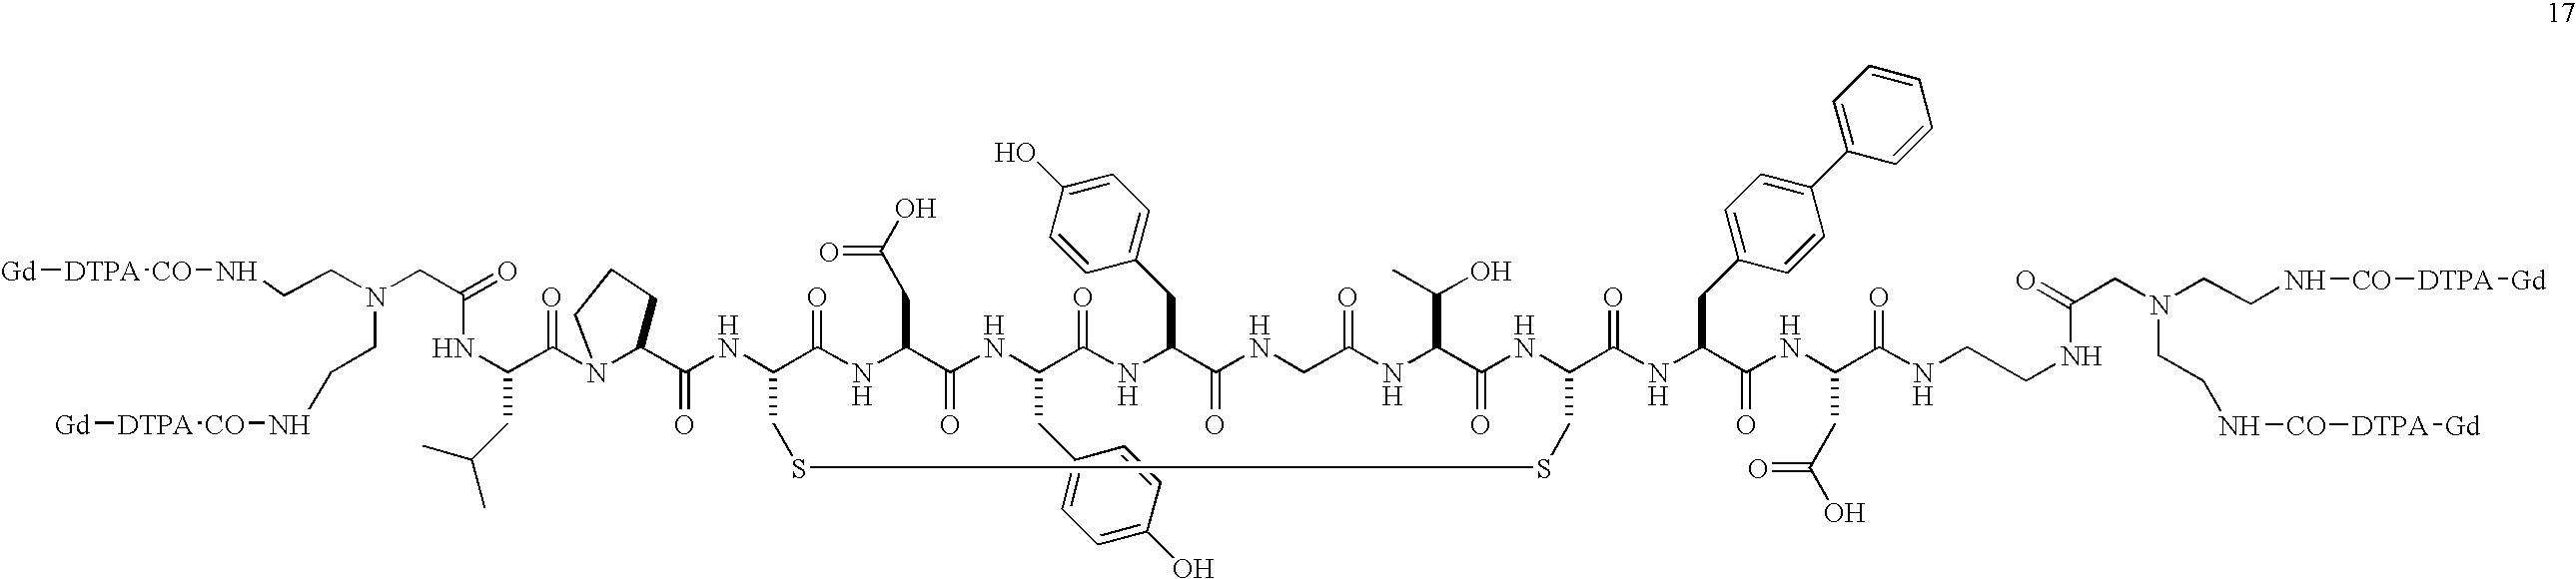 Figure US20030180222A1-20030925-C00077